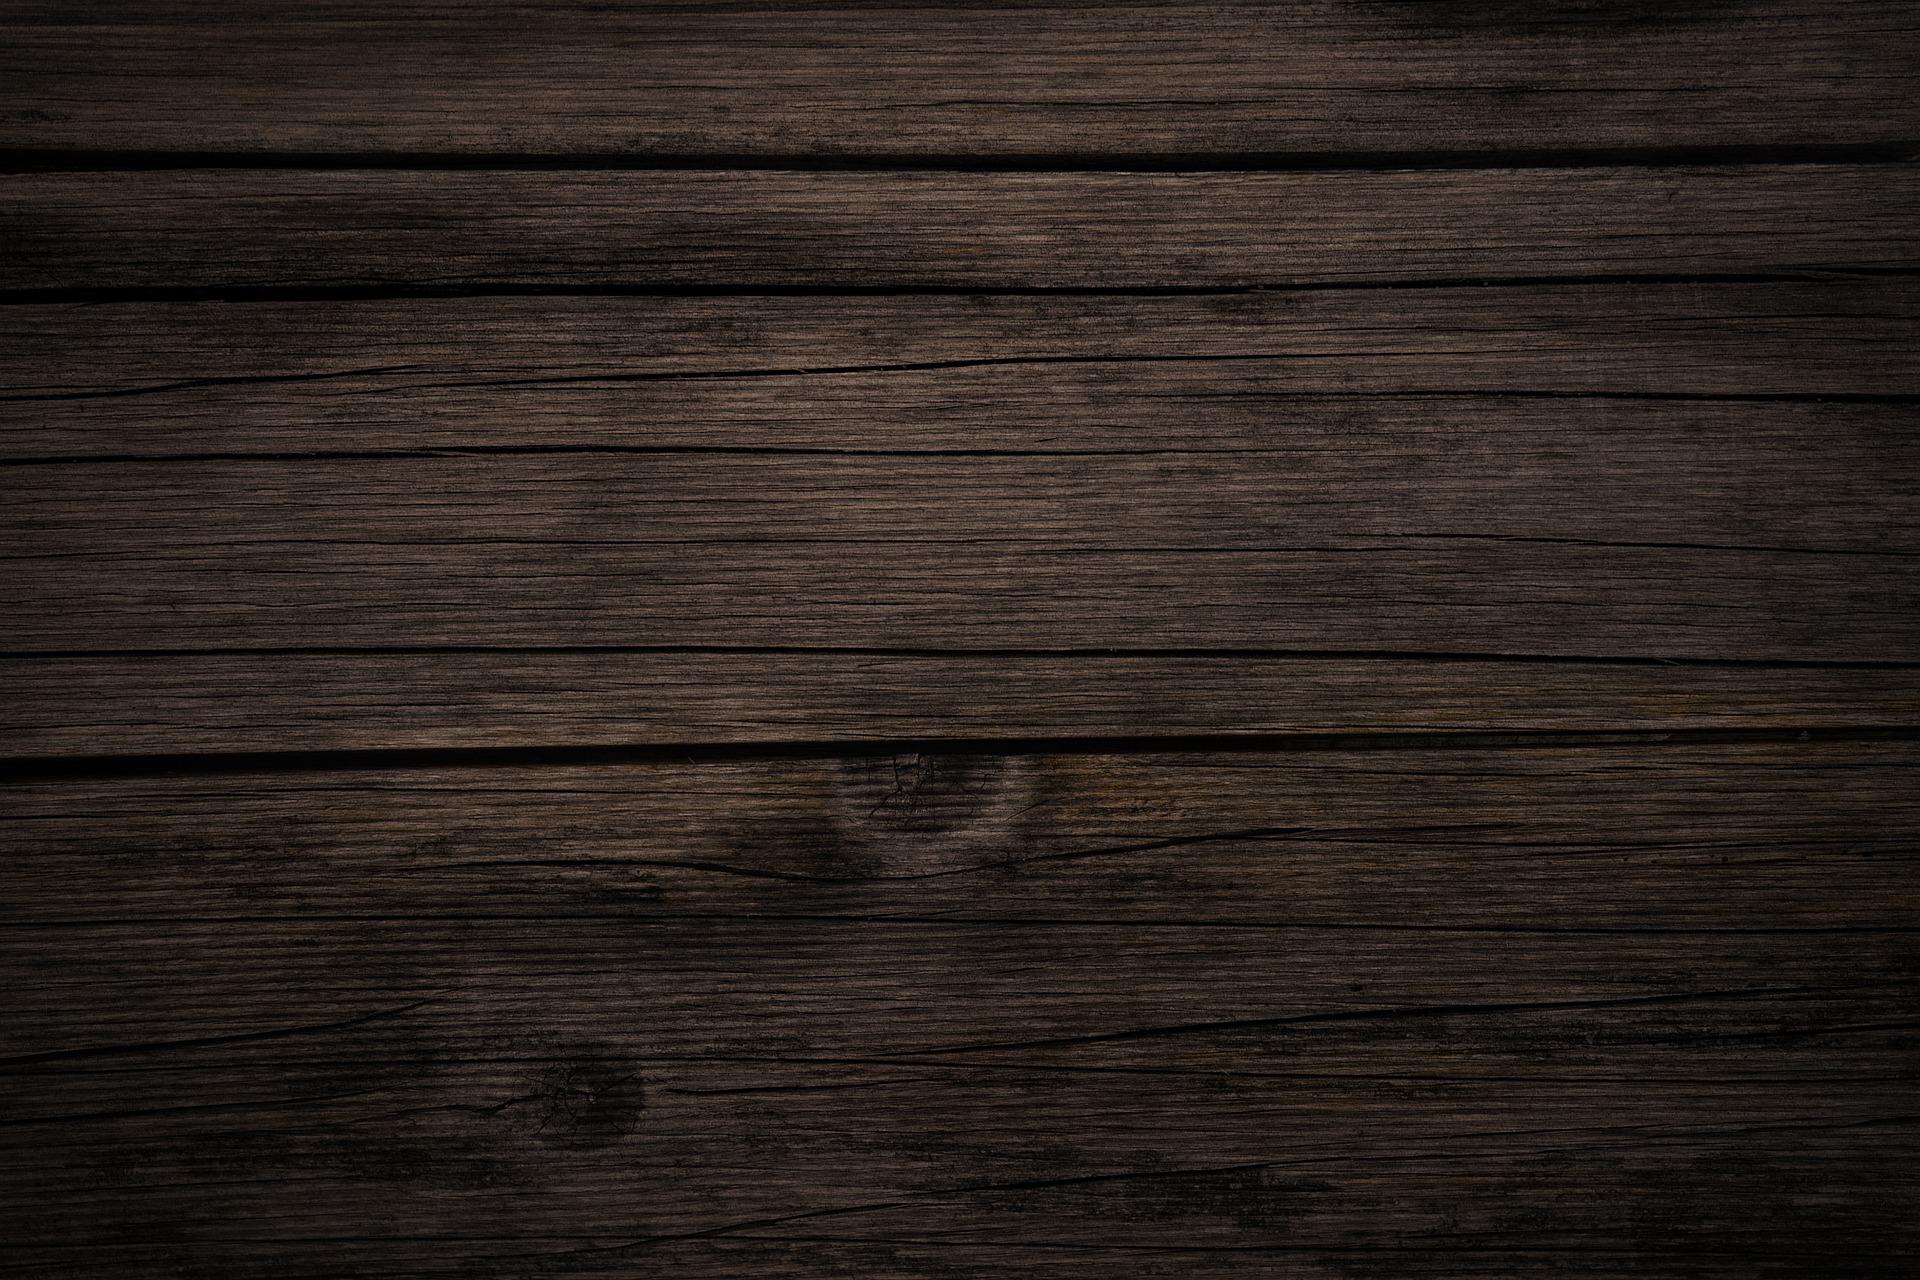 wood-1700562_1920